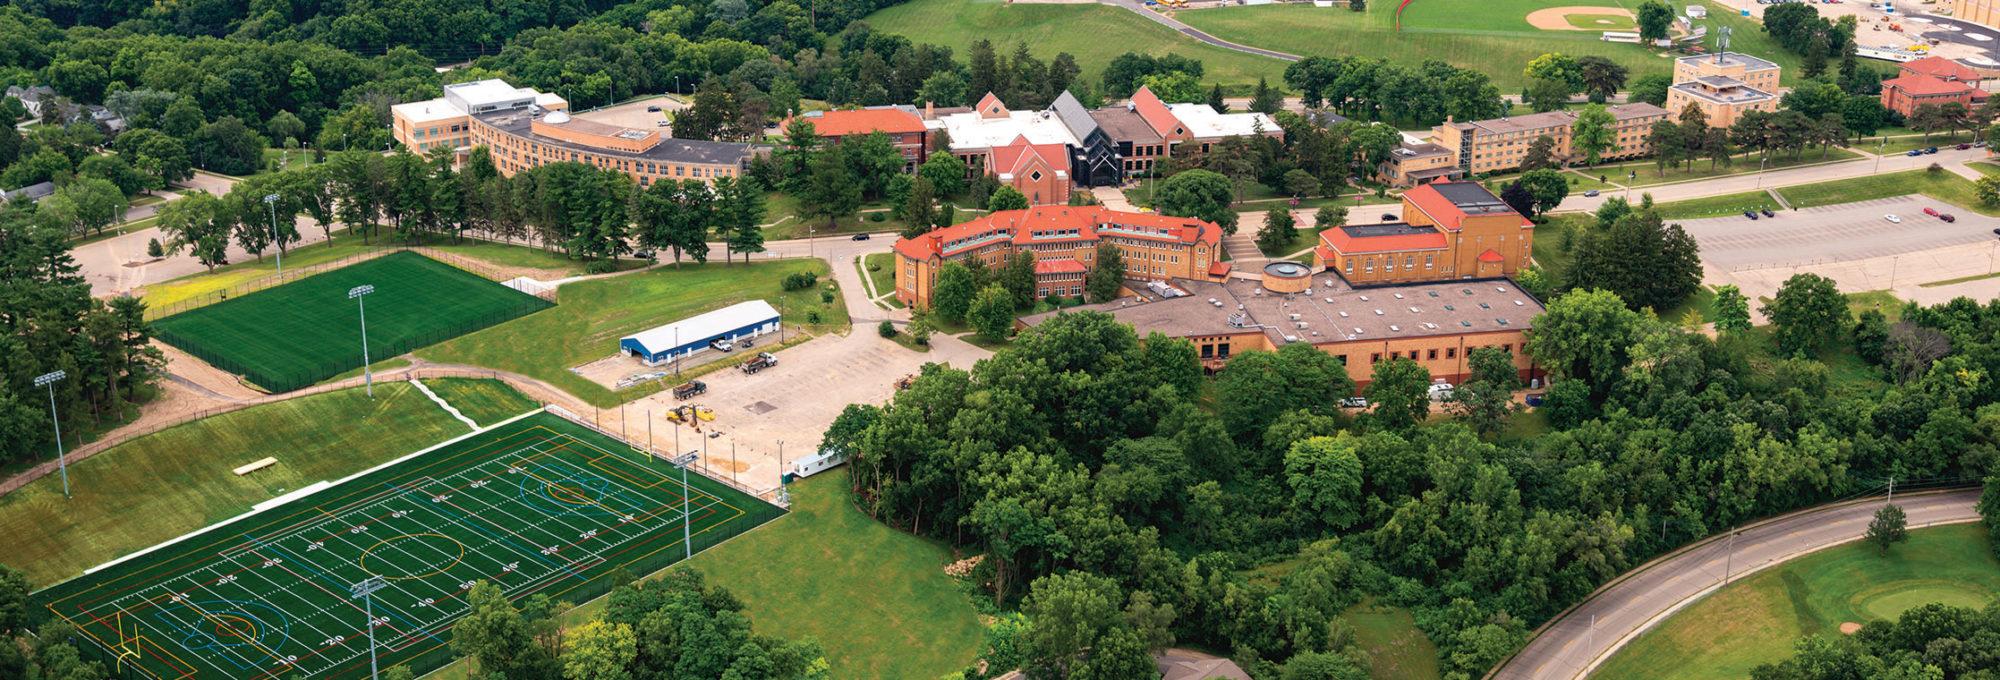 2018 Clarke Campus